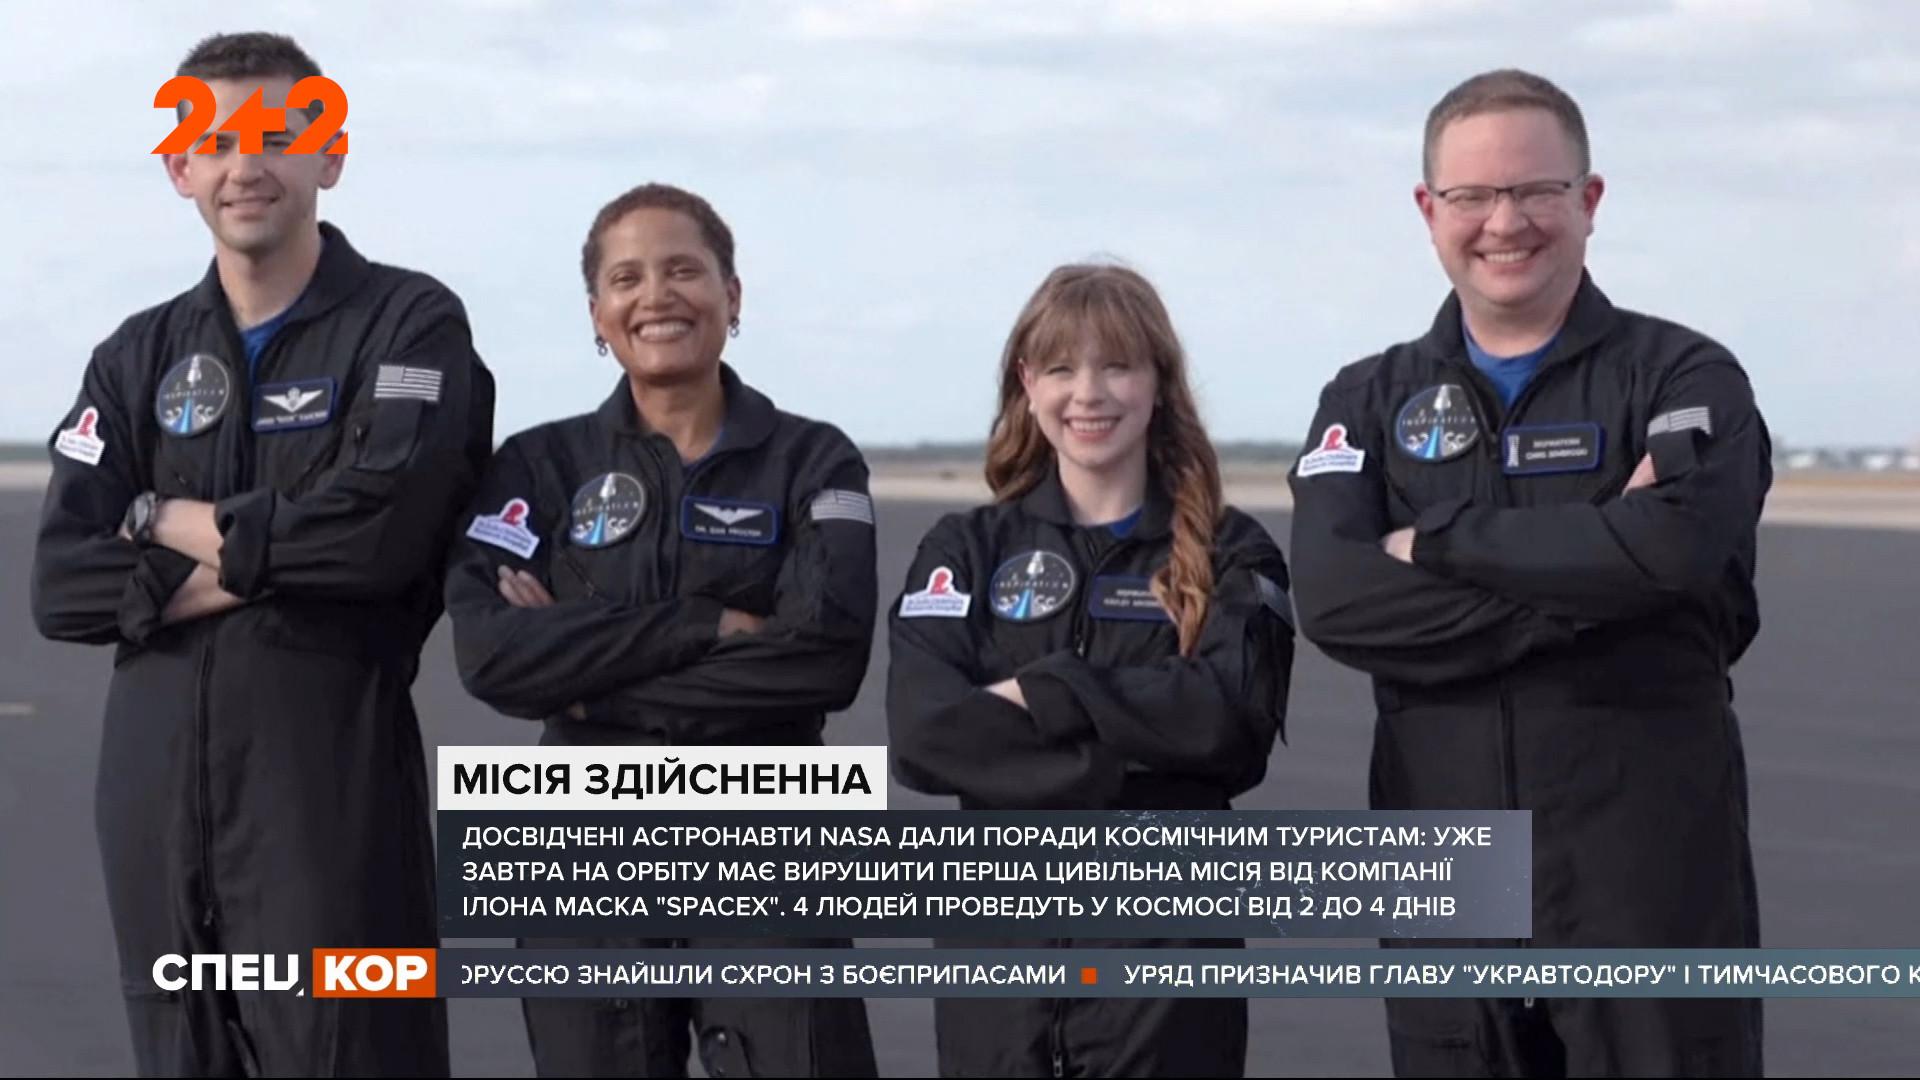 Перша цивільна космічна місія від Ілона Маска вже завтра стартує на орбіту